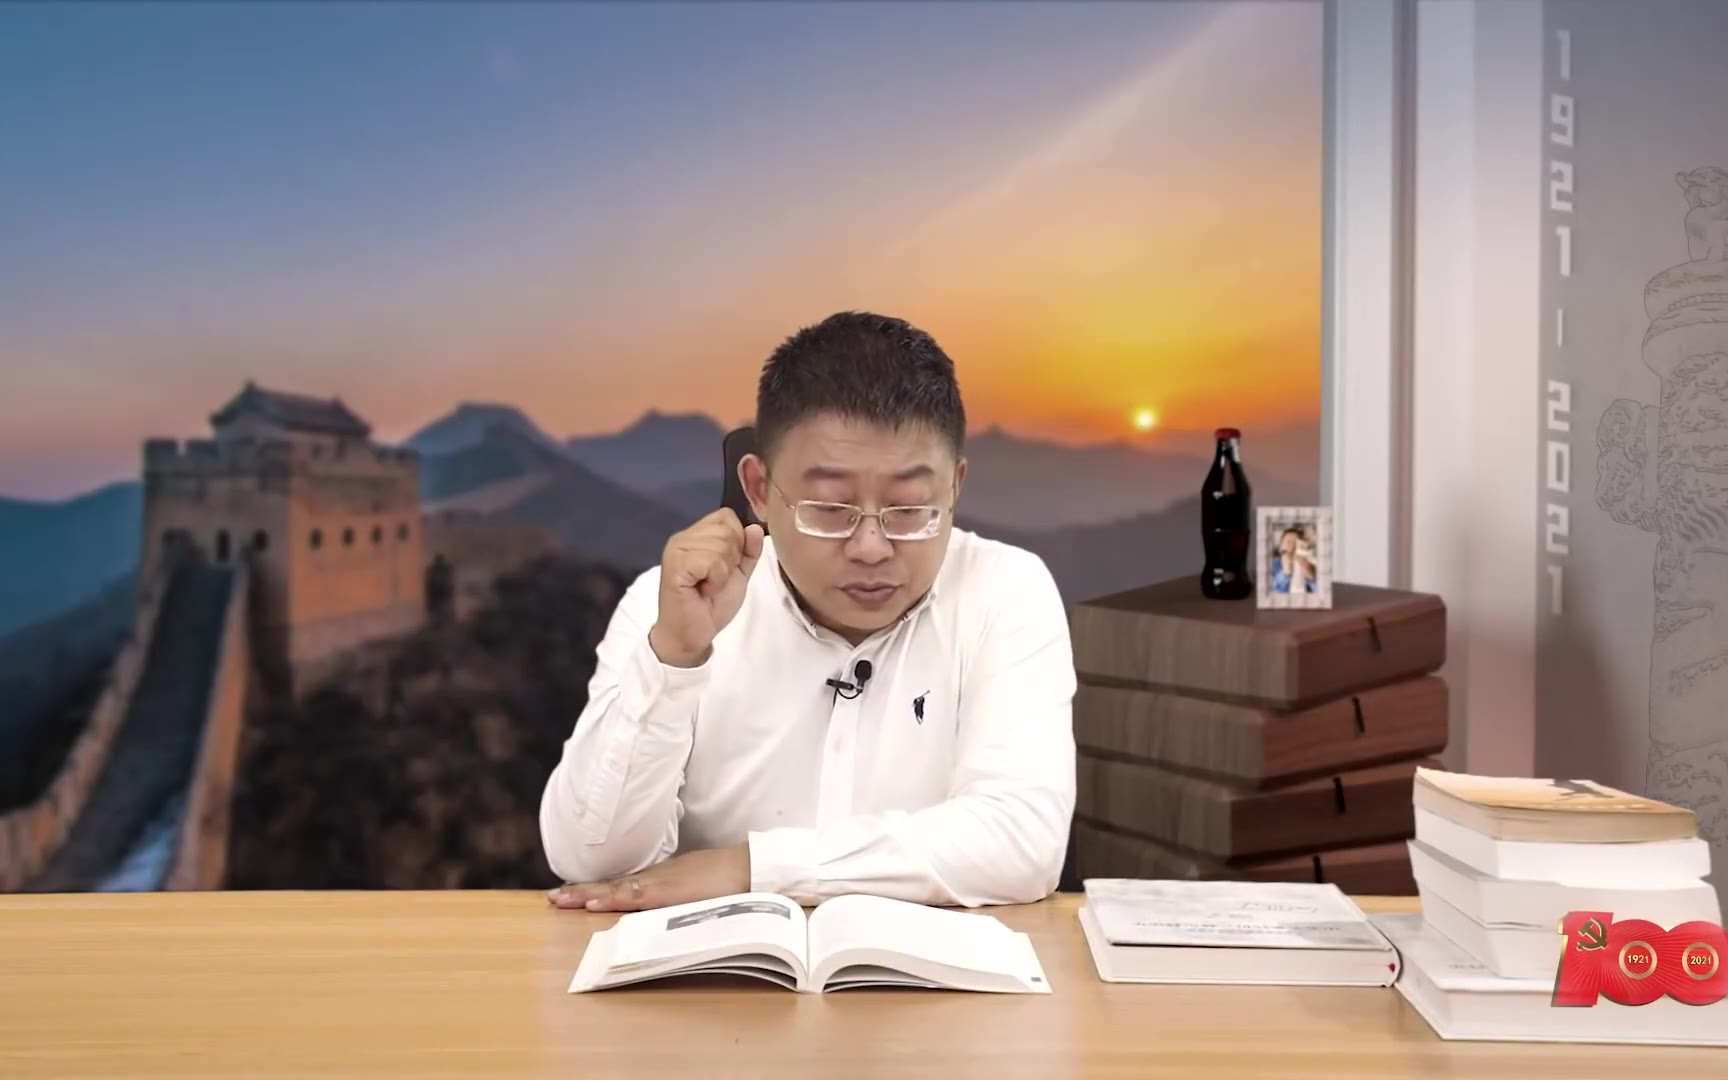 旭日东升:赫尔利使华 精明又无知的政客 最糟糕的调停者 【04】